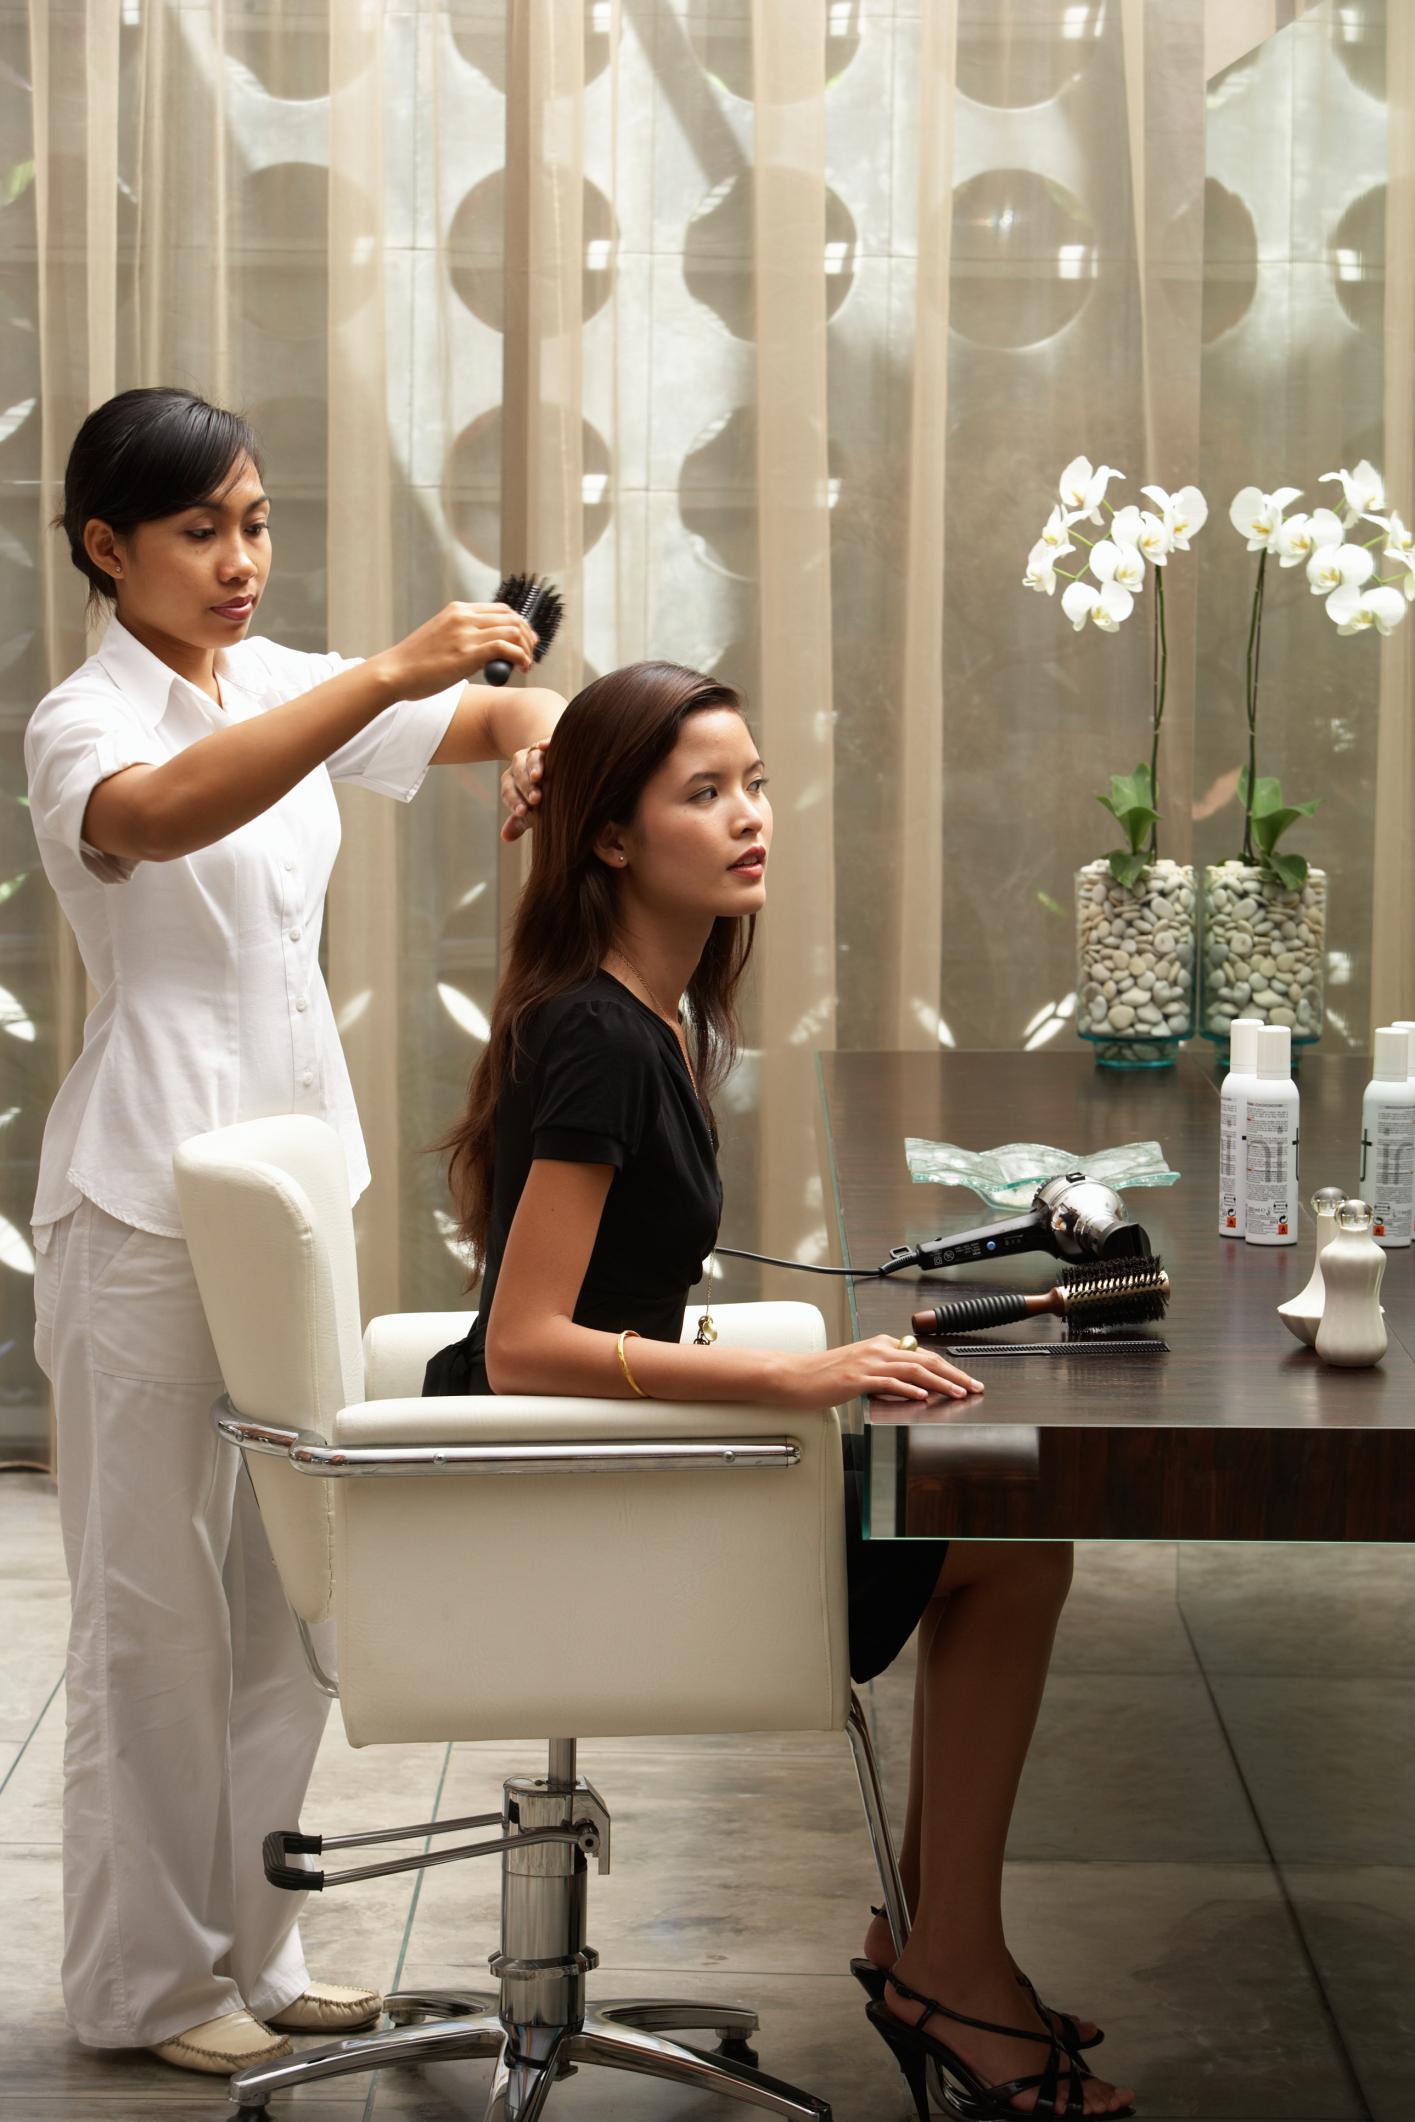 Salary Of A Hair Stylist At An Upscale Salon